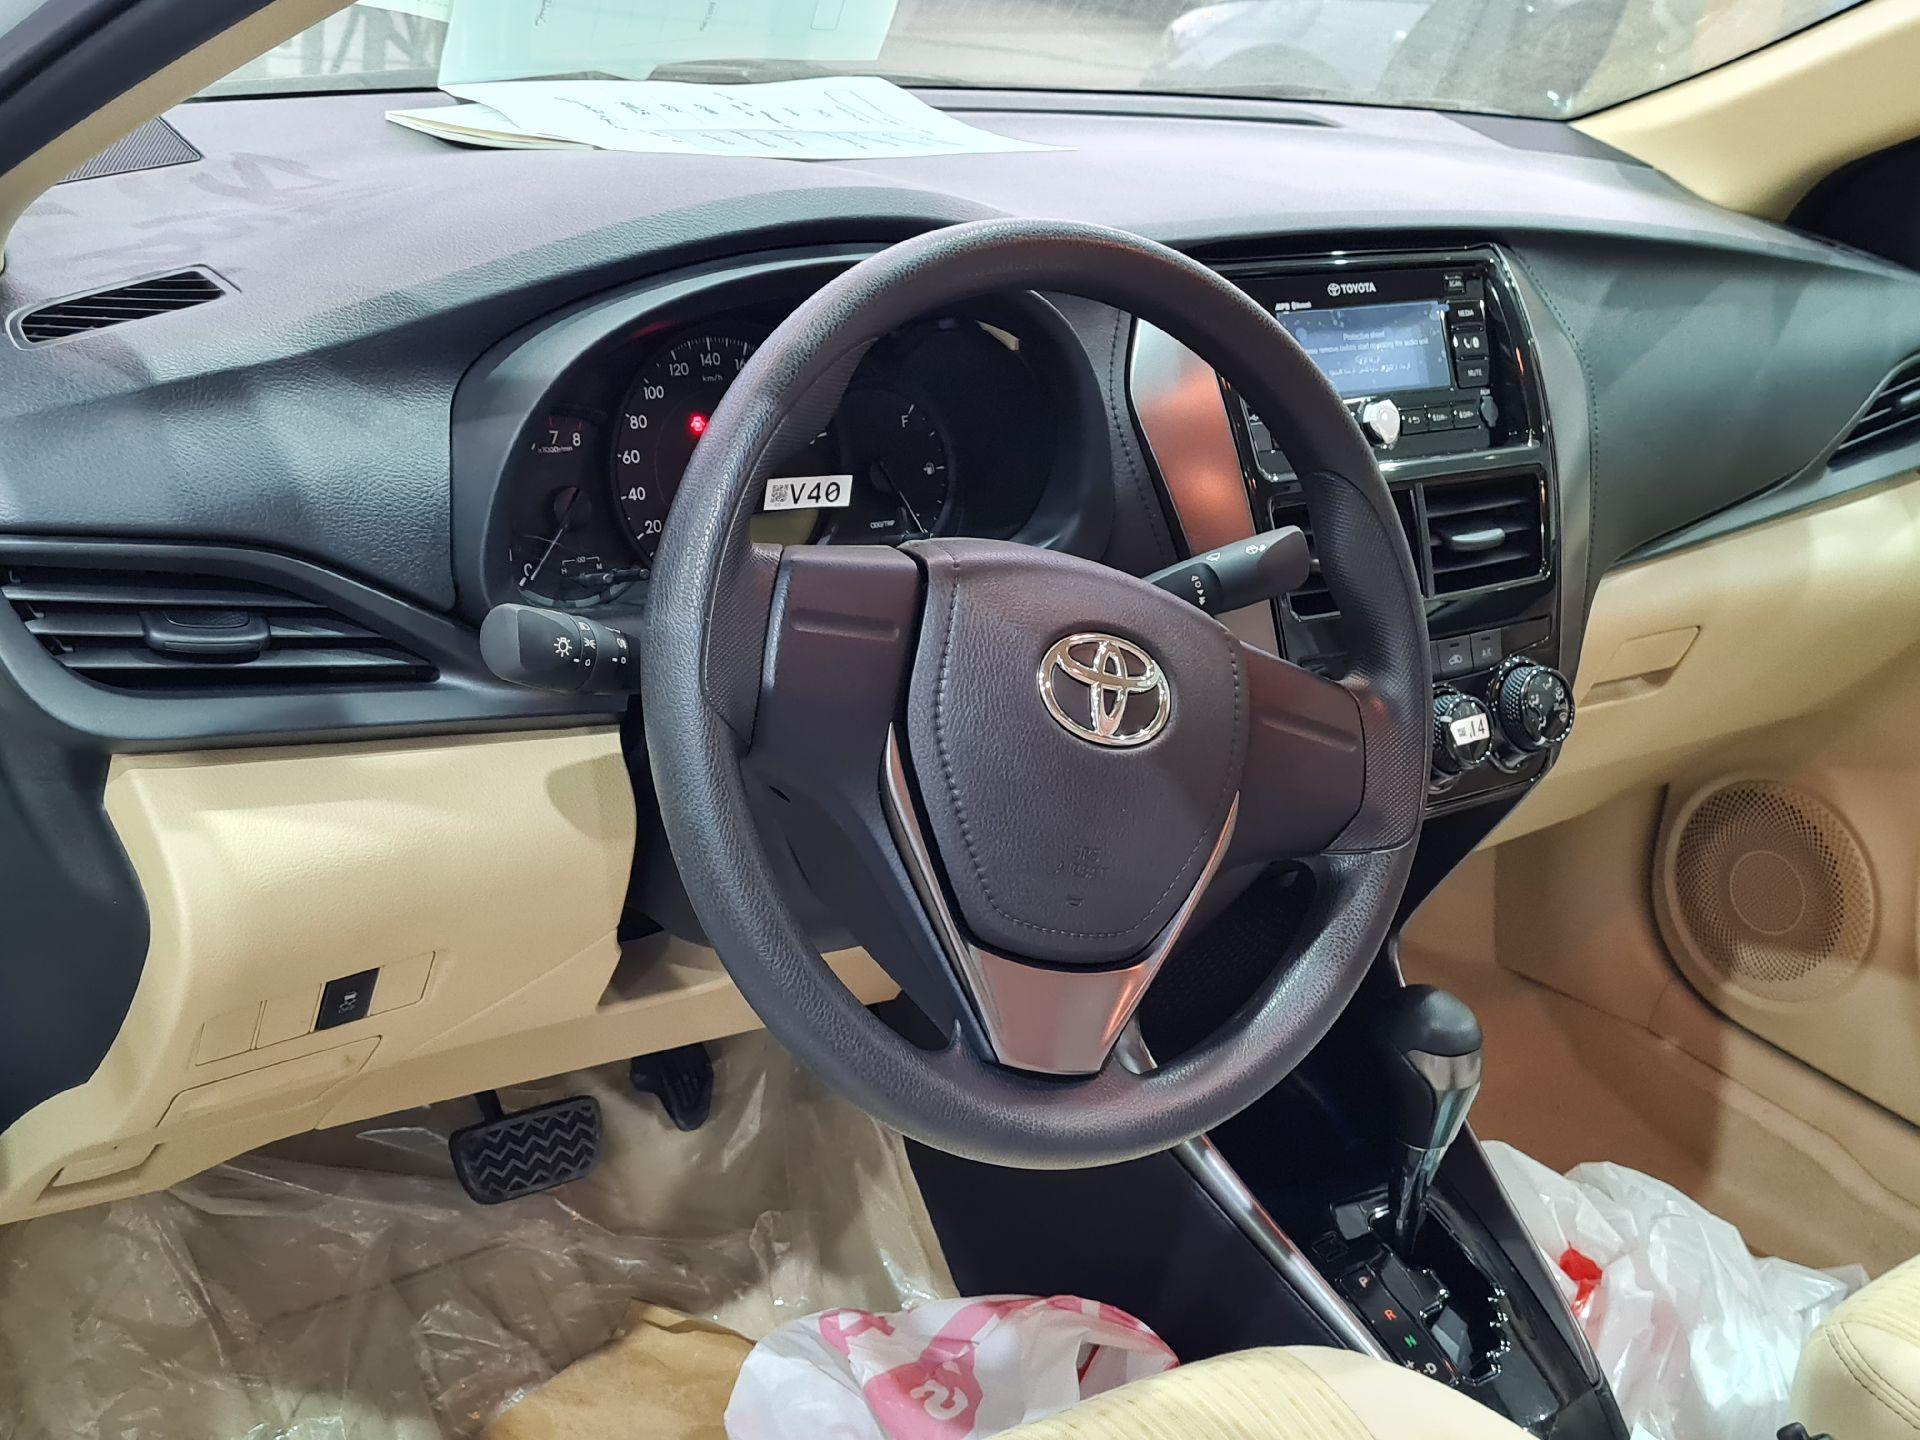 مباع - تويوتا يارس Y FLT 2021 ستاندر سعودي للبيع في الرياض - السعودية - صورة كبيرة - 9